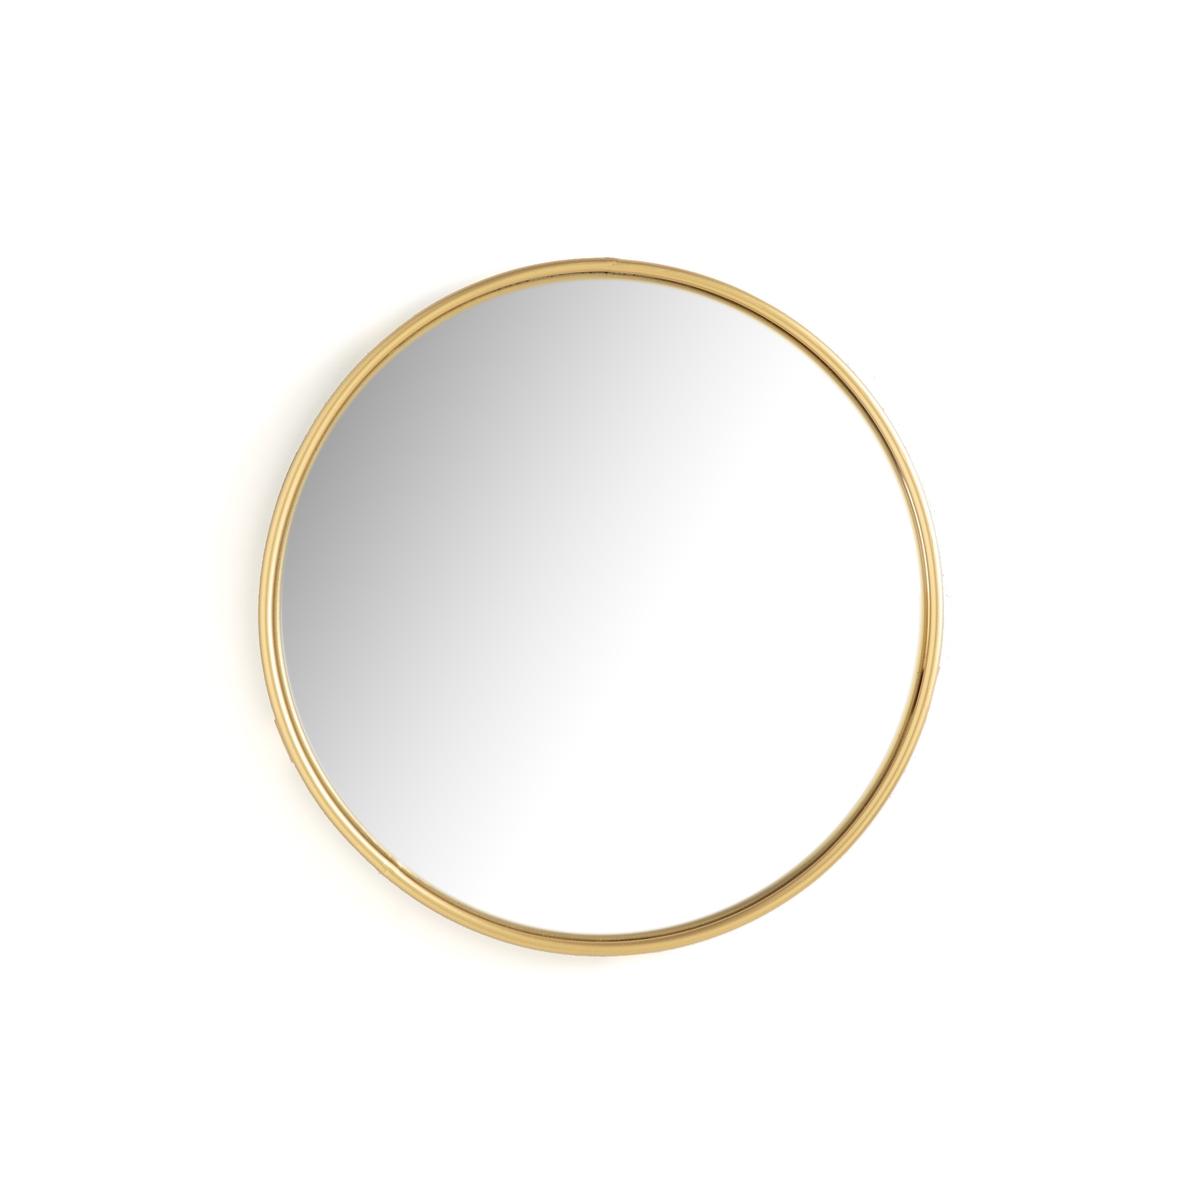 Зеркало La Redoute Для гадания 30 см Uyova единый размер другие зеркало la redoute прямоугольное большой размер д x в см barbier единый размер другие